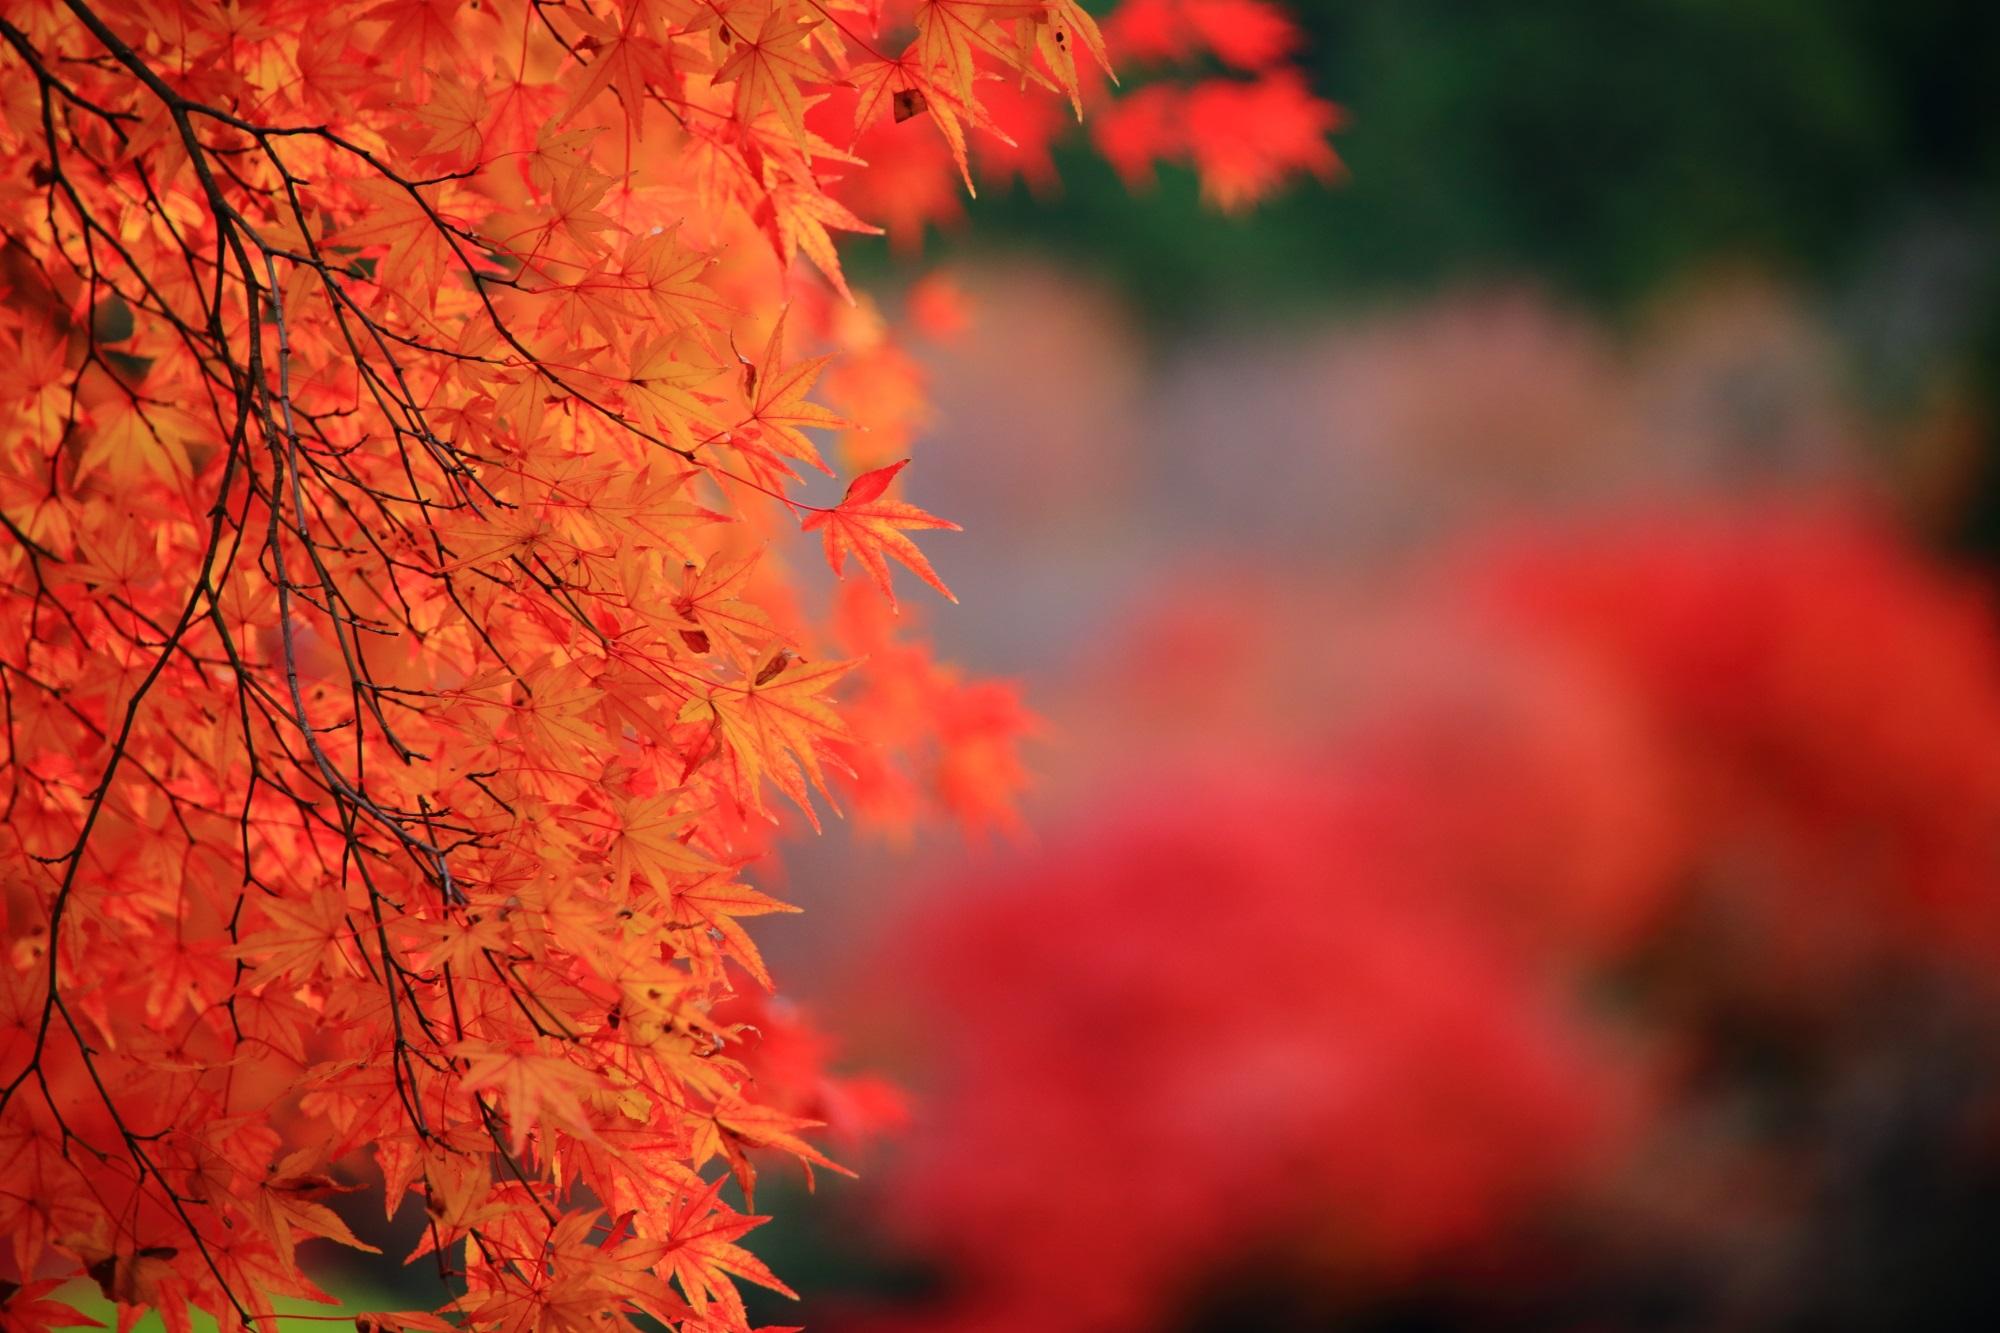 京都の紅葉の名所の龍安寺の優美な紅葉